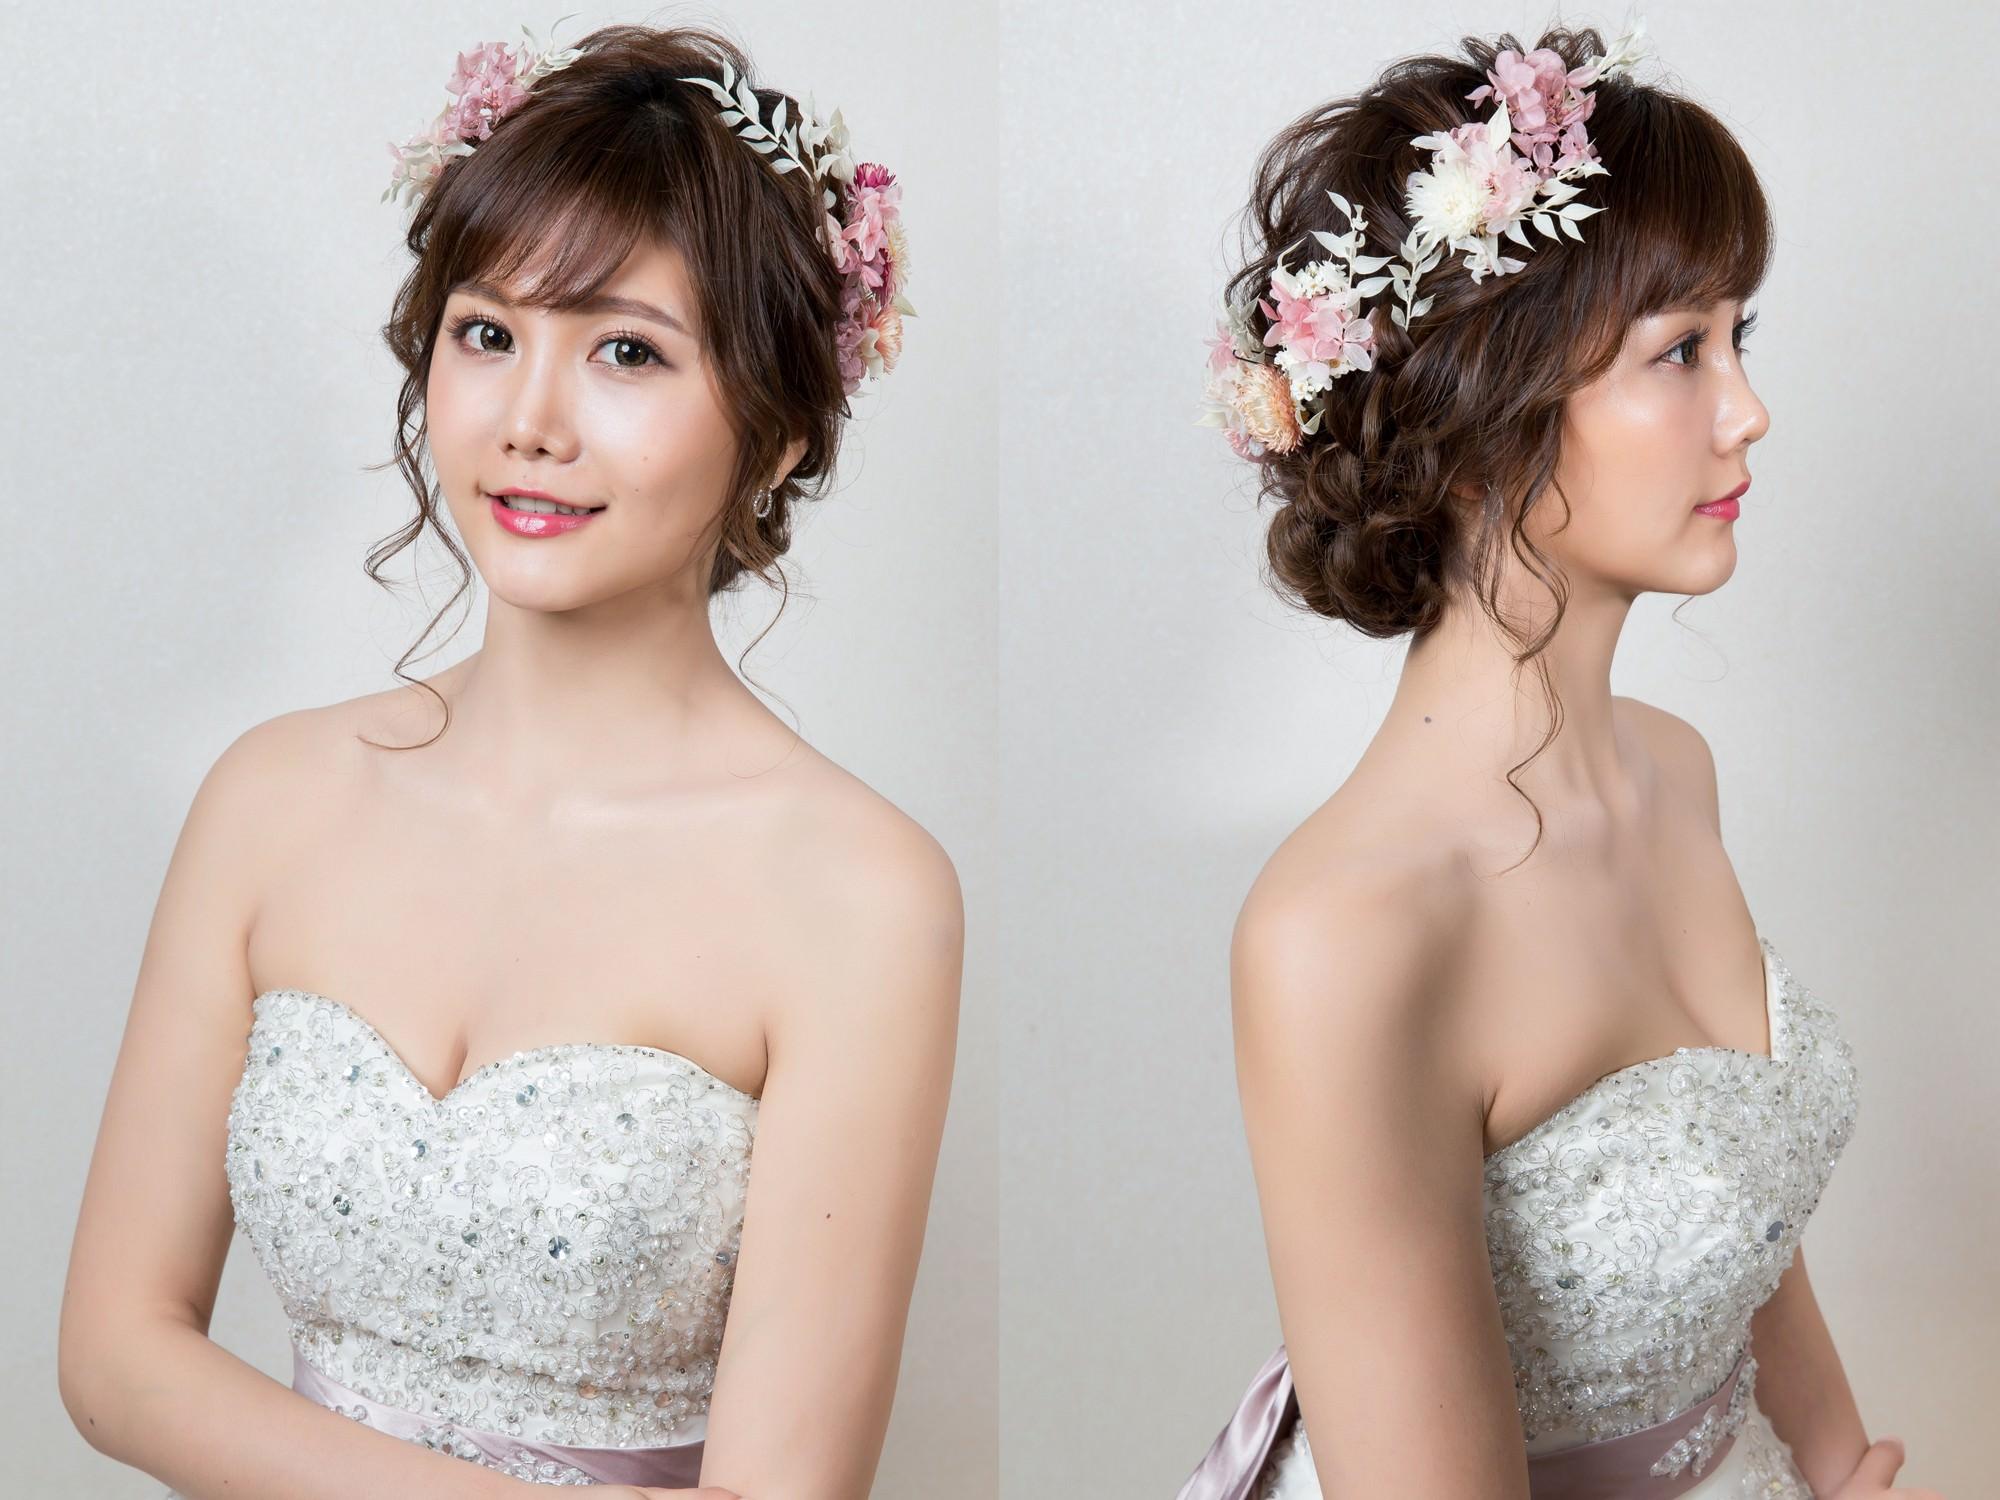 新娘秘書|新秘|新秘Yuki|新娘造型|白紗造型|新娘髮型|不凋花造型|新娘妝容|高雄新秘|wedding hairstyle| 盤髮造型|乾燥花造型|台灣新秘